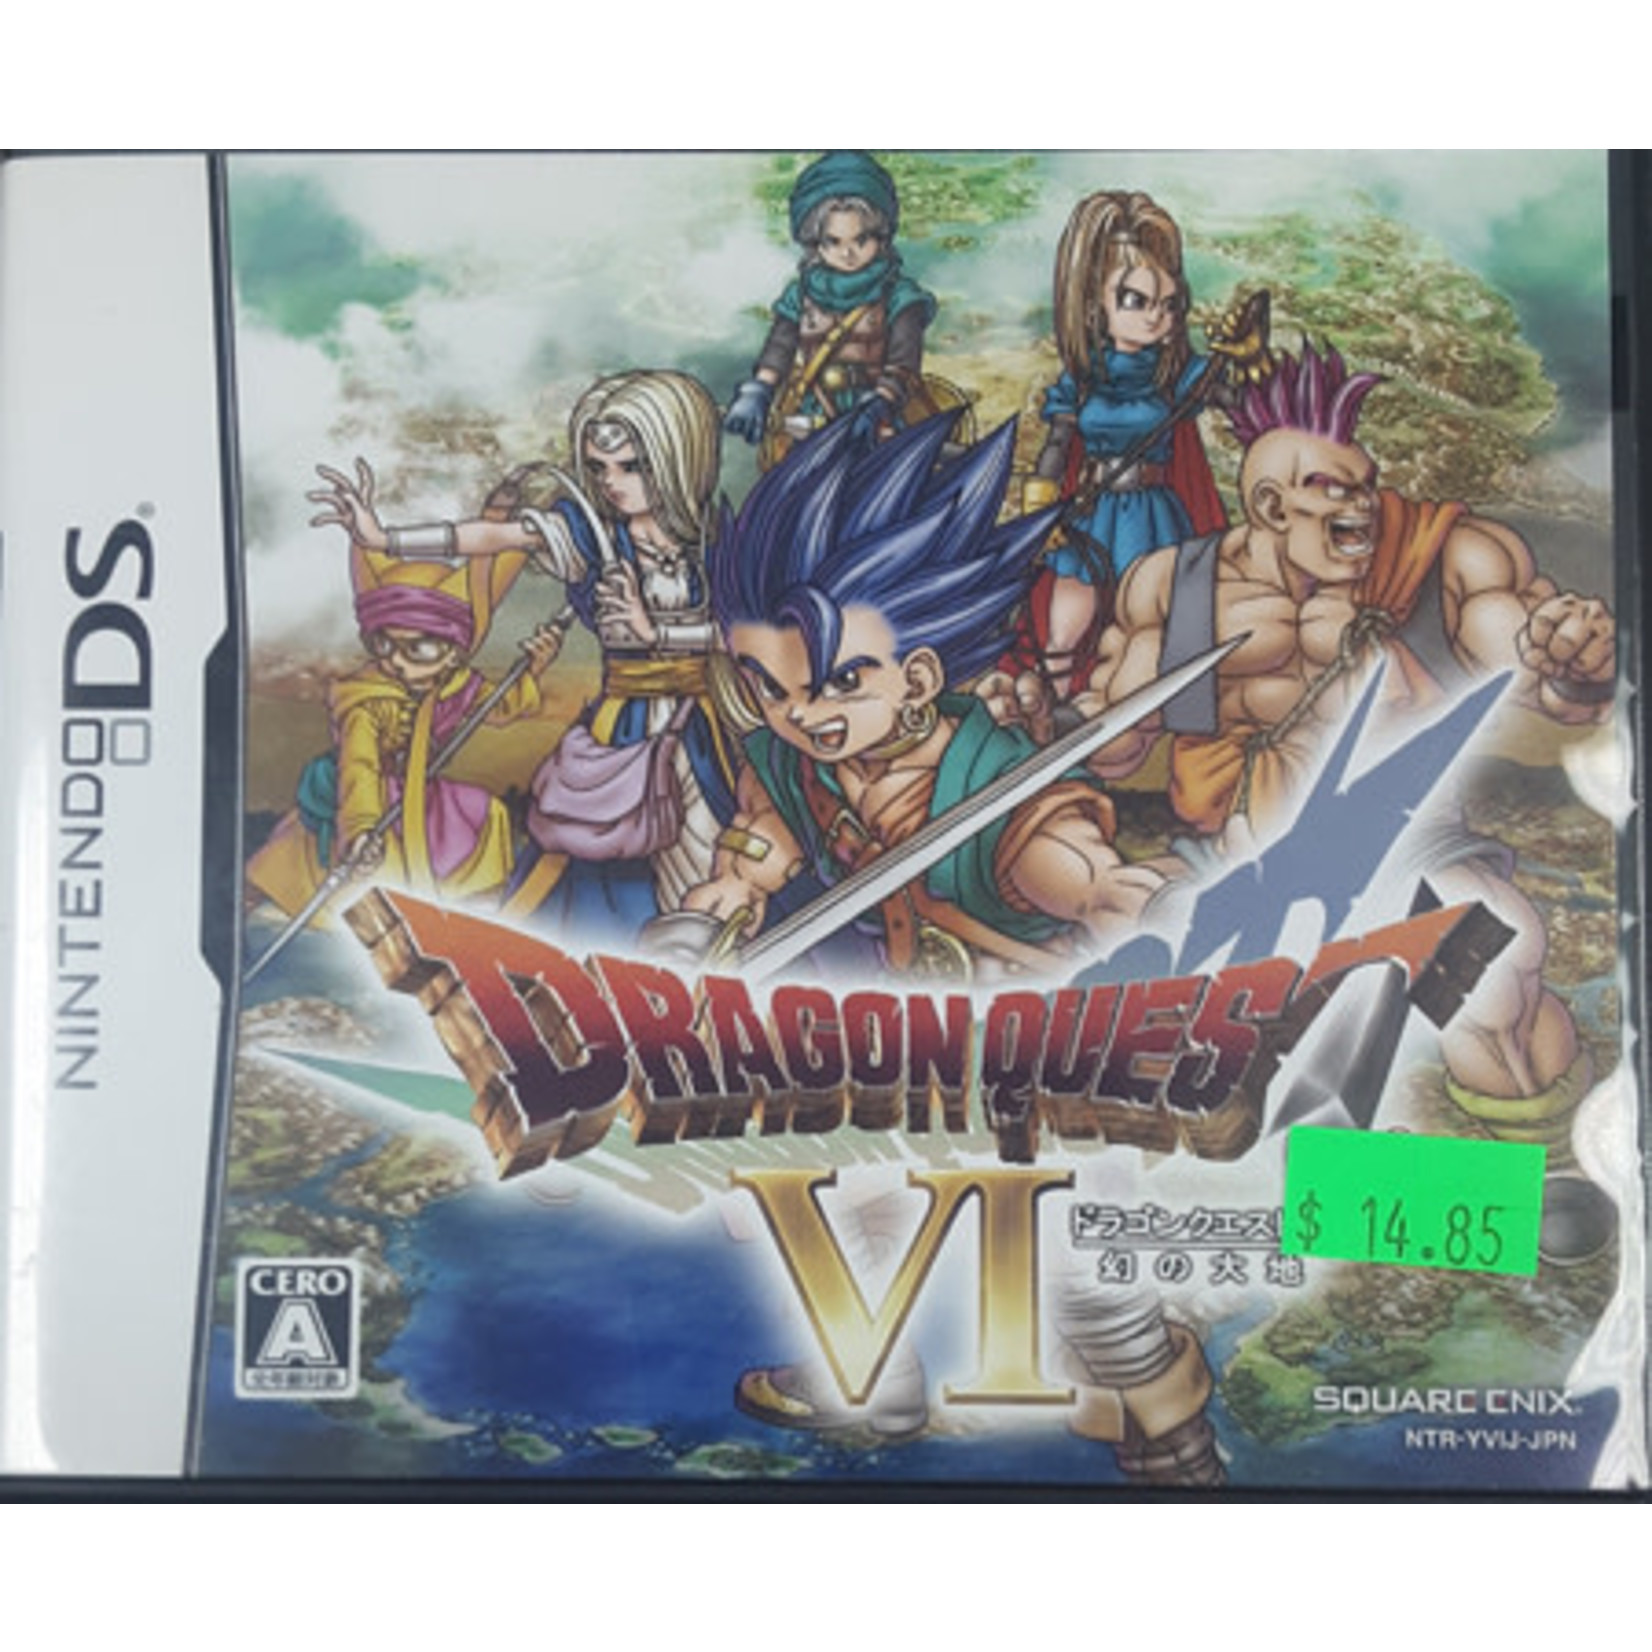 IMPORT-DSU-Dragon Quest VI